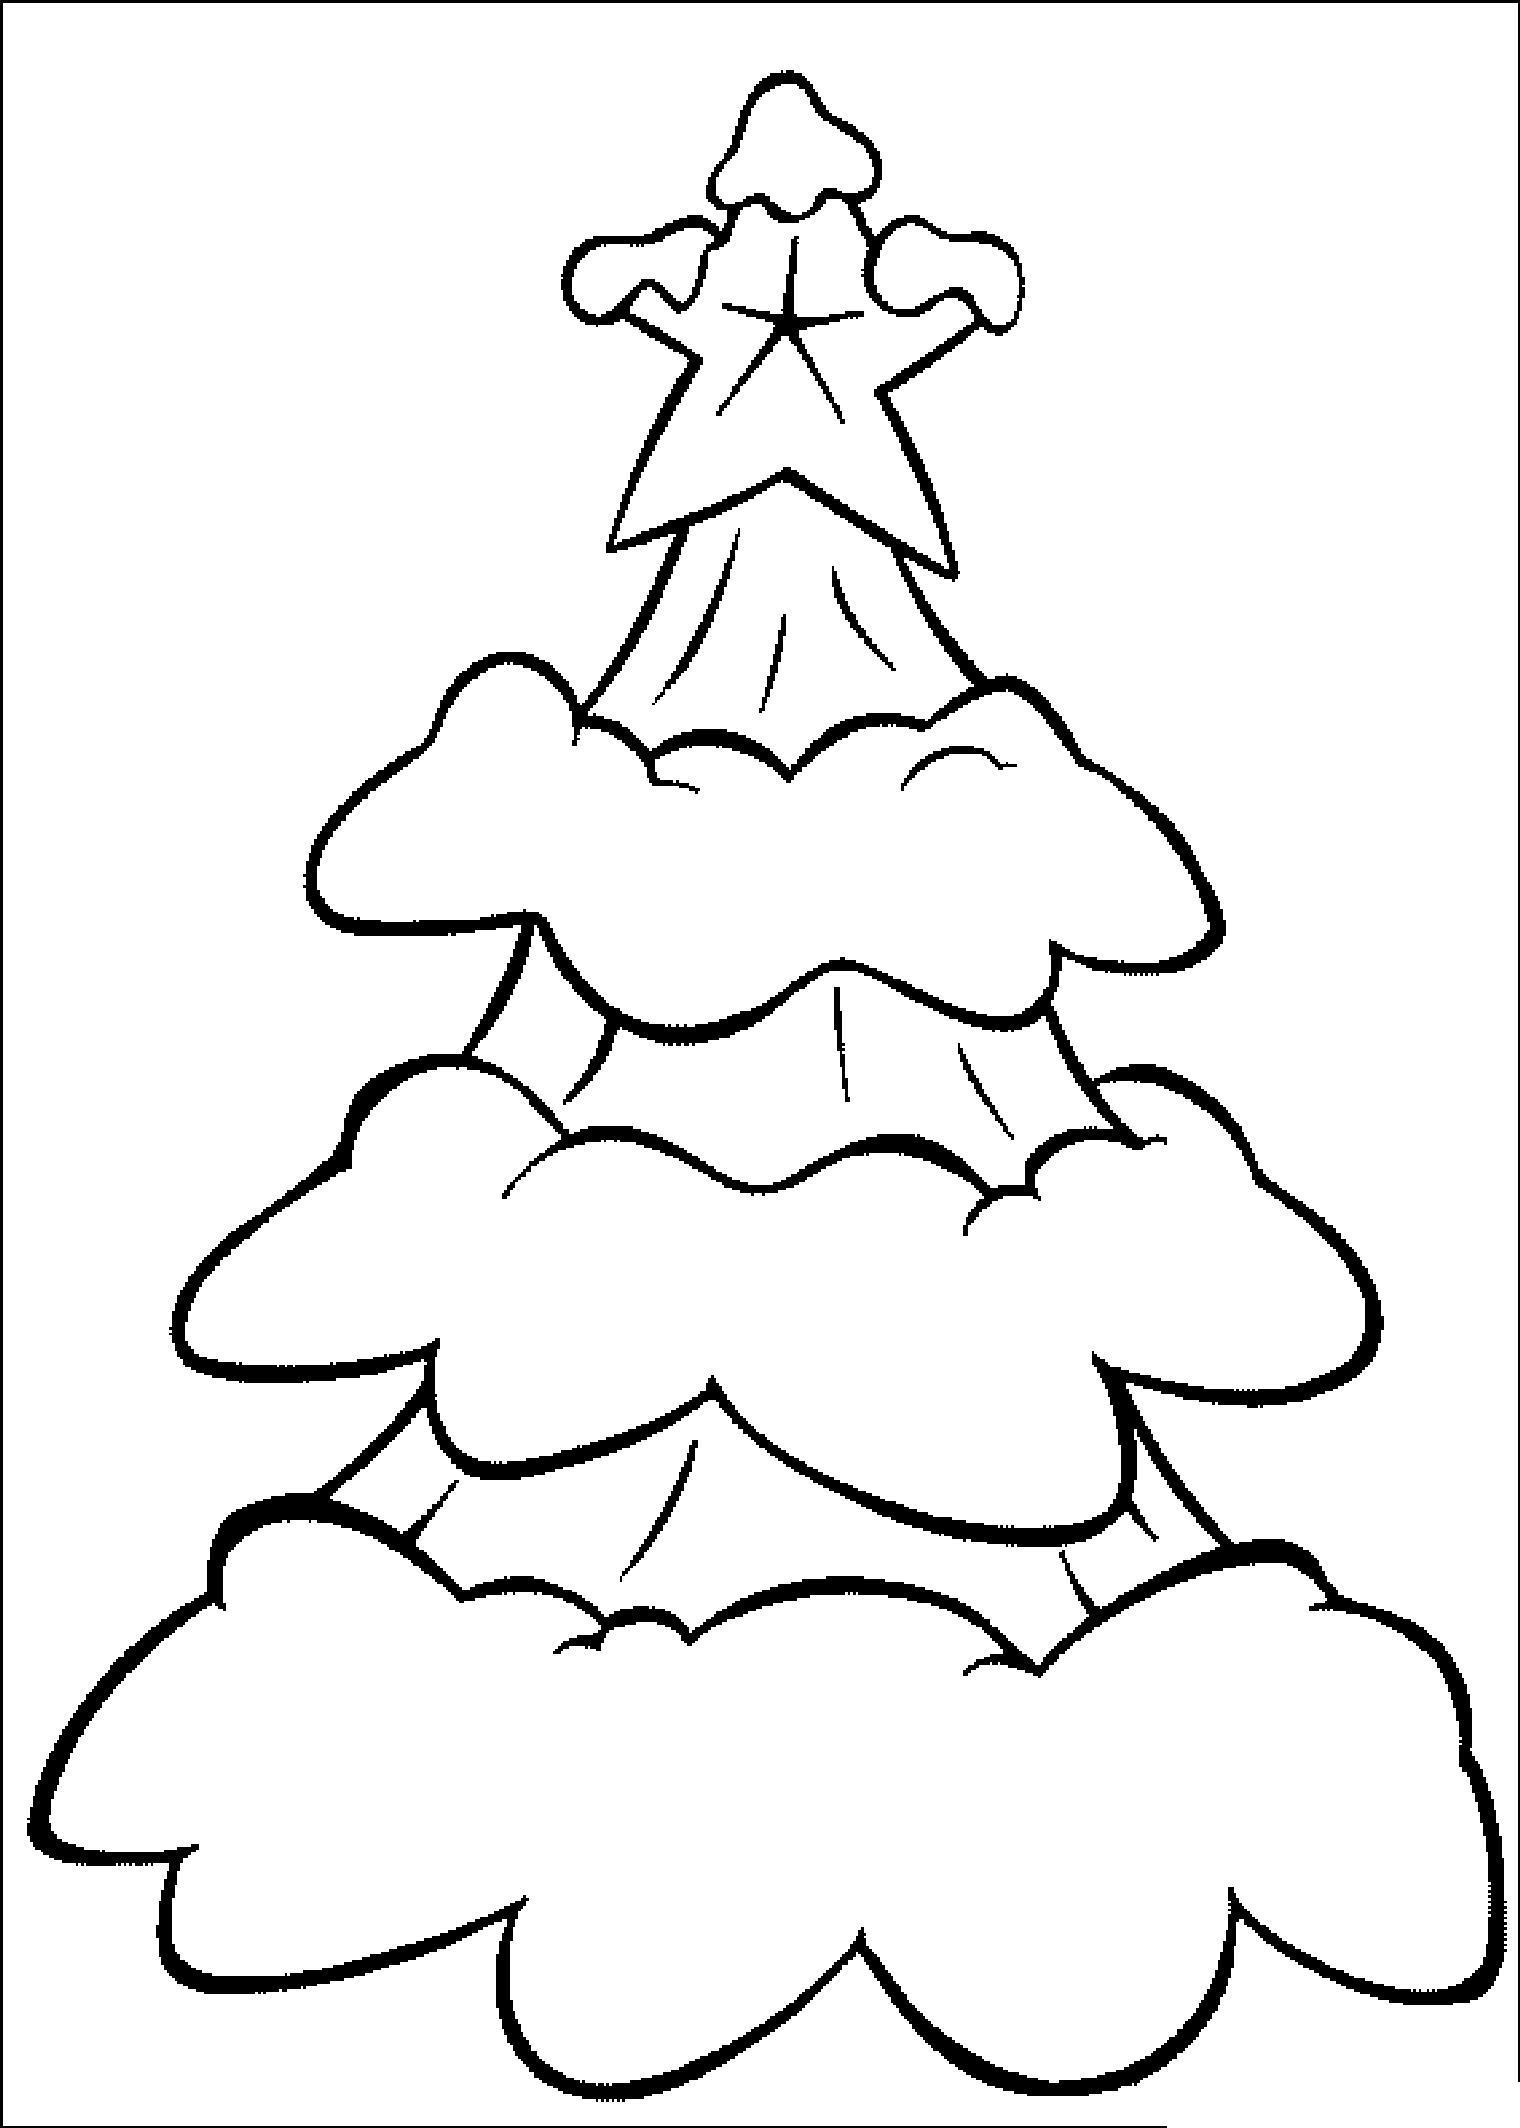 Новый год, заснеженная елочка со звездой Раскраски для детского сада